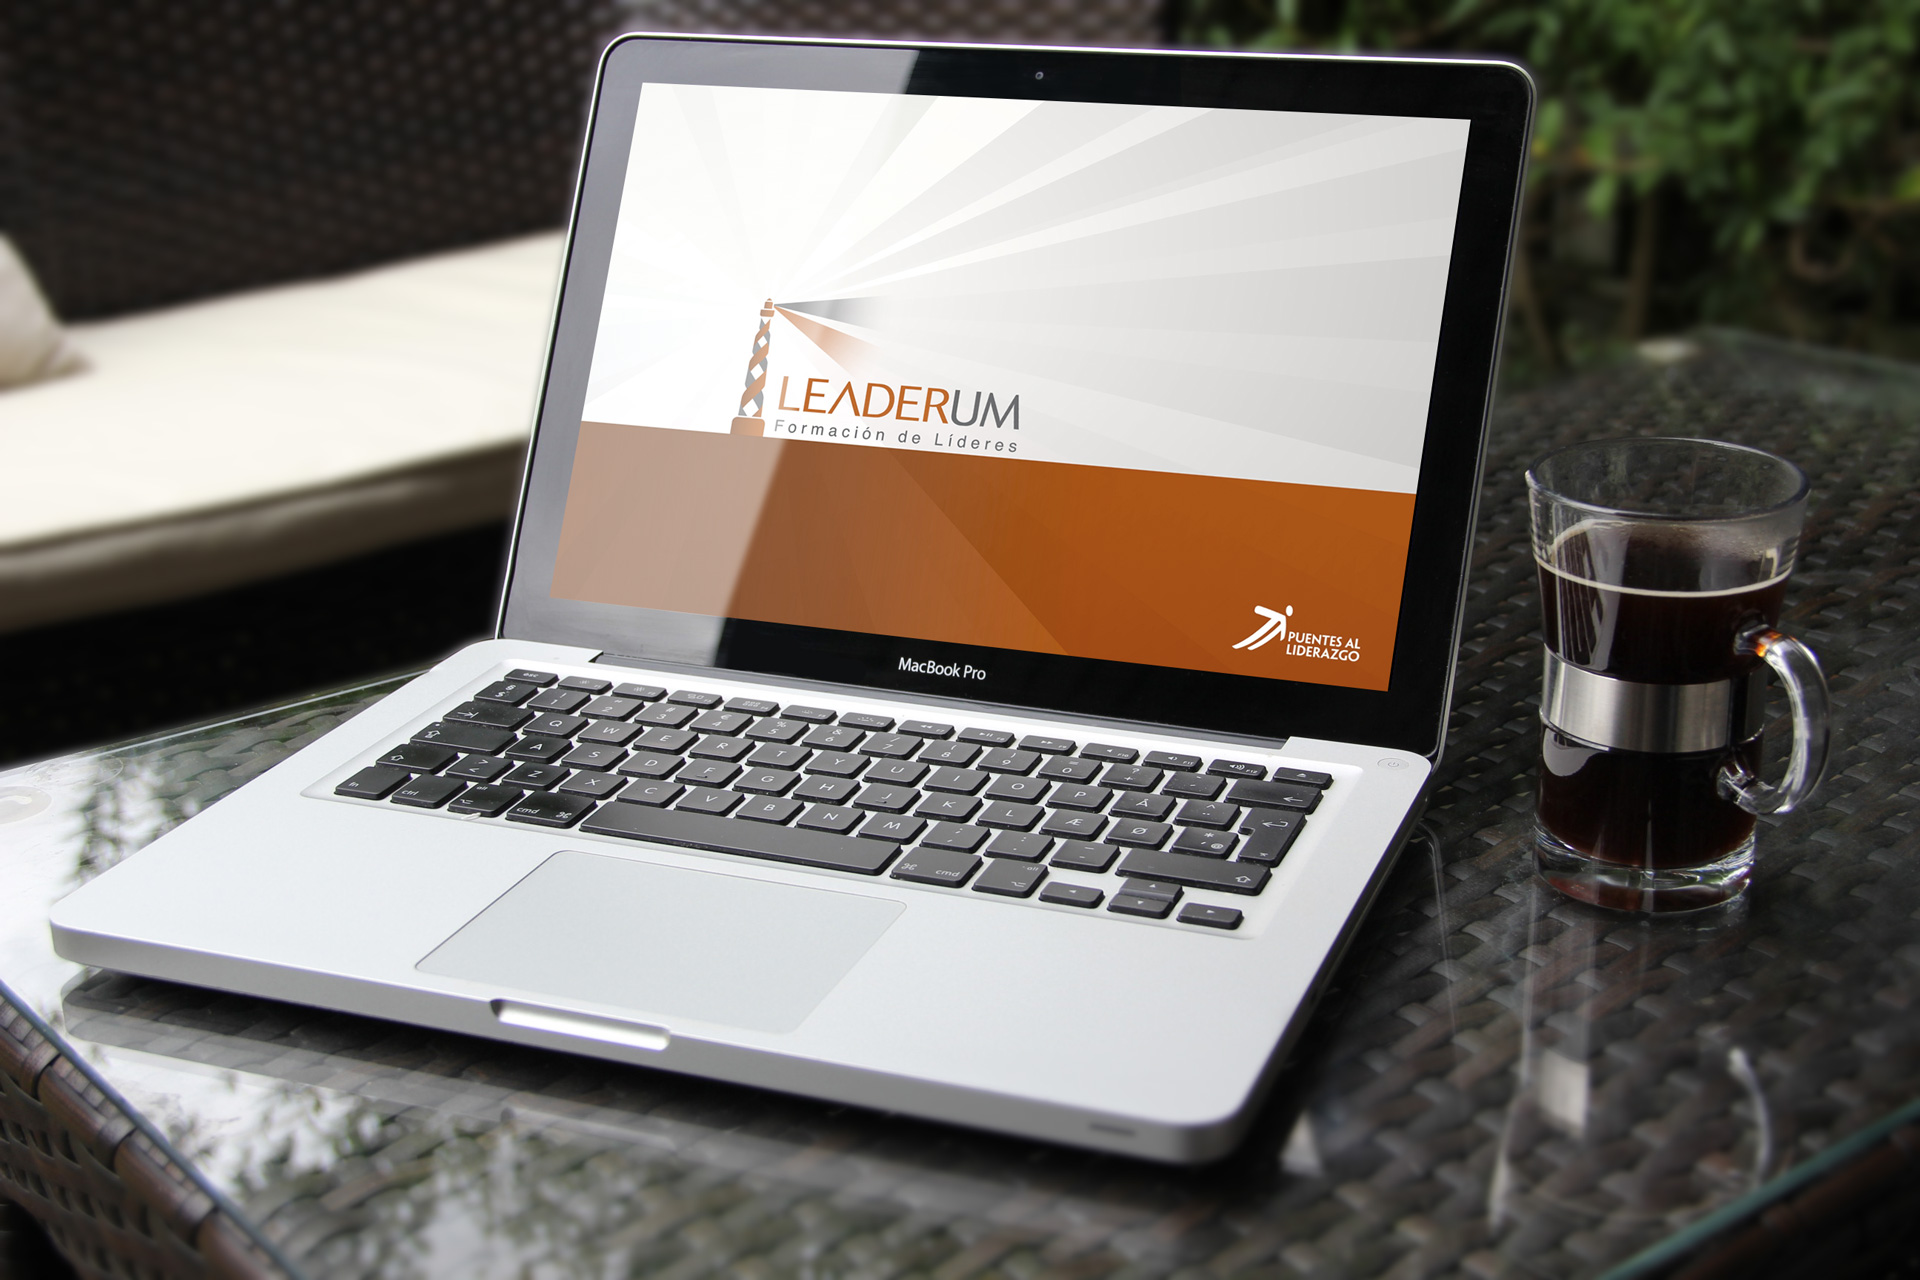 Diseño de Identidad Visual y Logotipo para la marca Leaderum